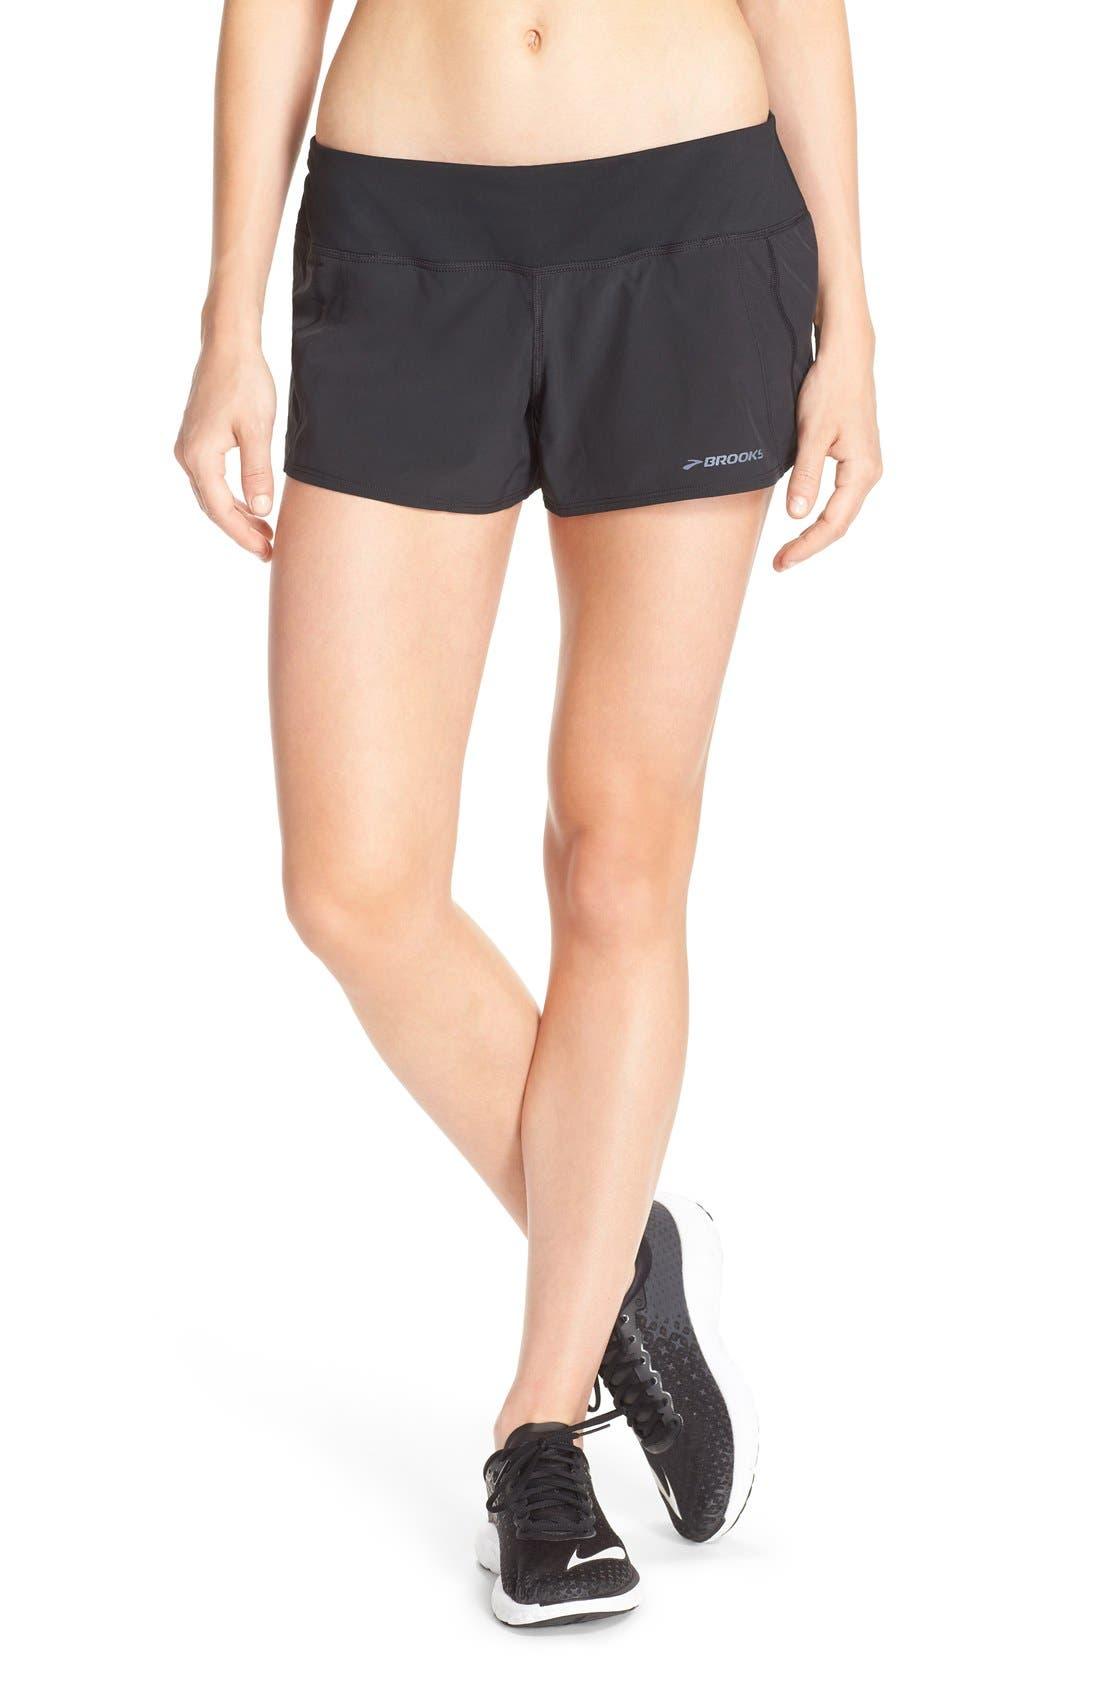 'Chaser 3' Running Shorts,                             Main thumbnail 1, color,                             Black